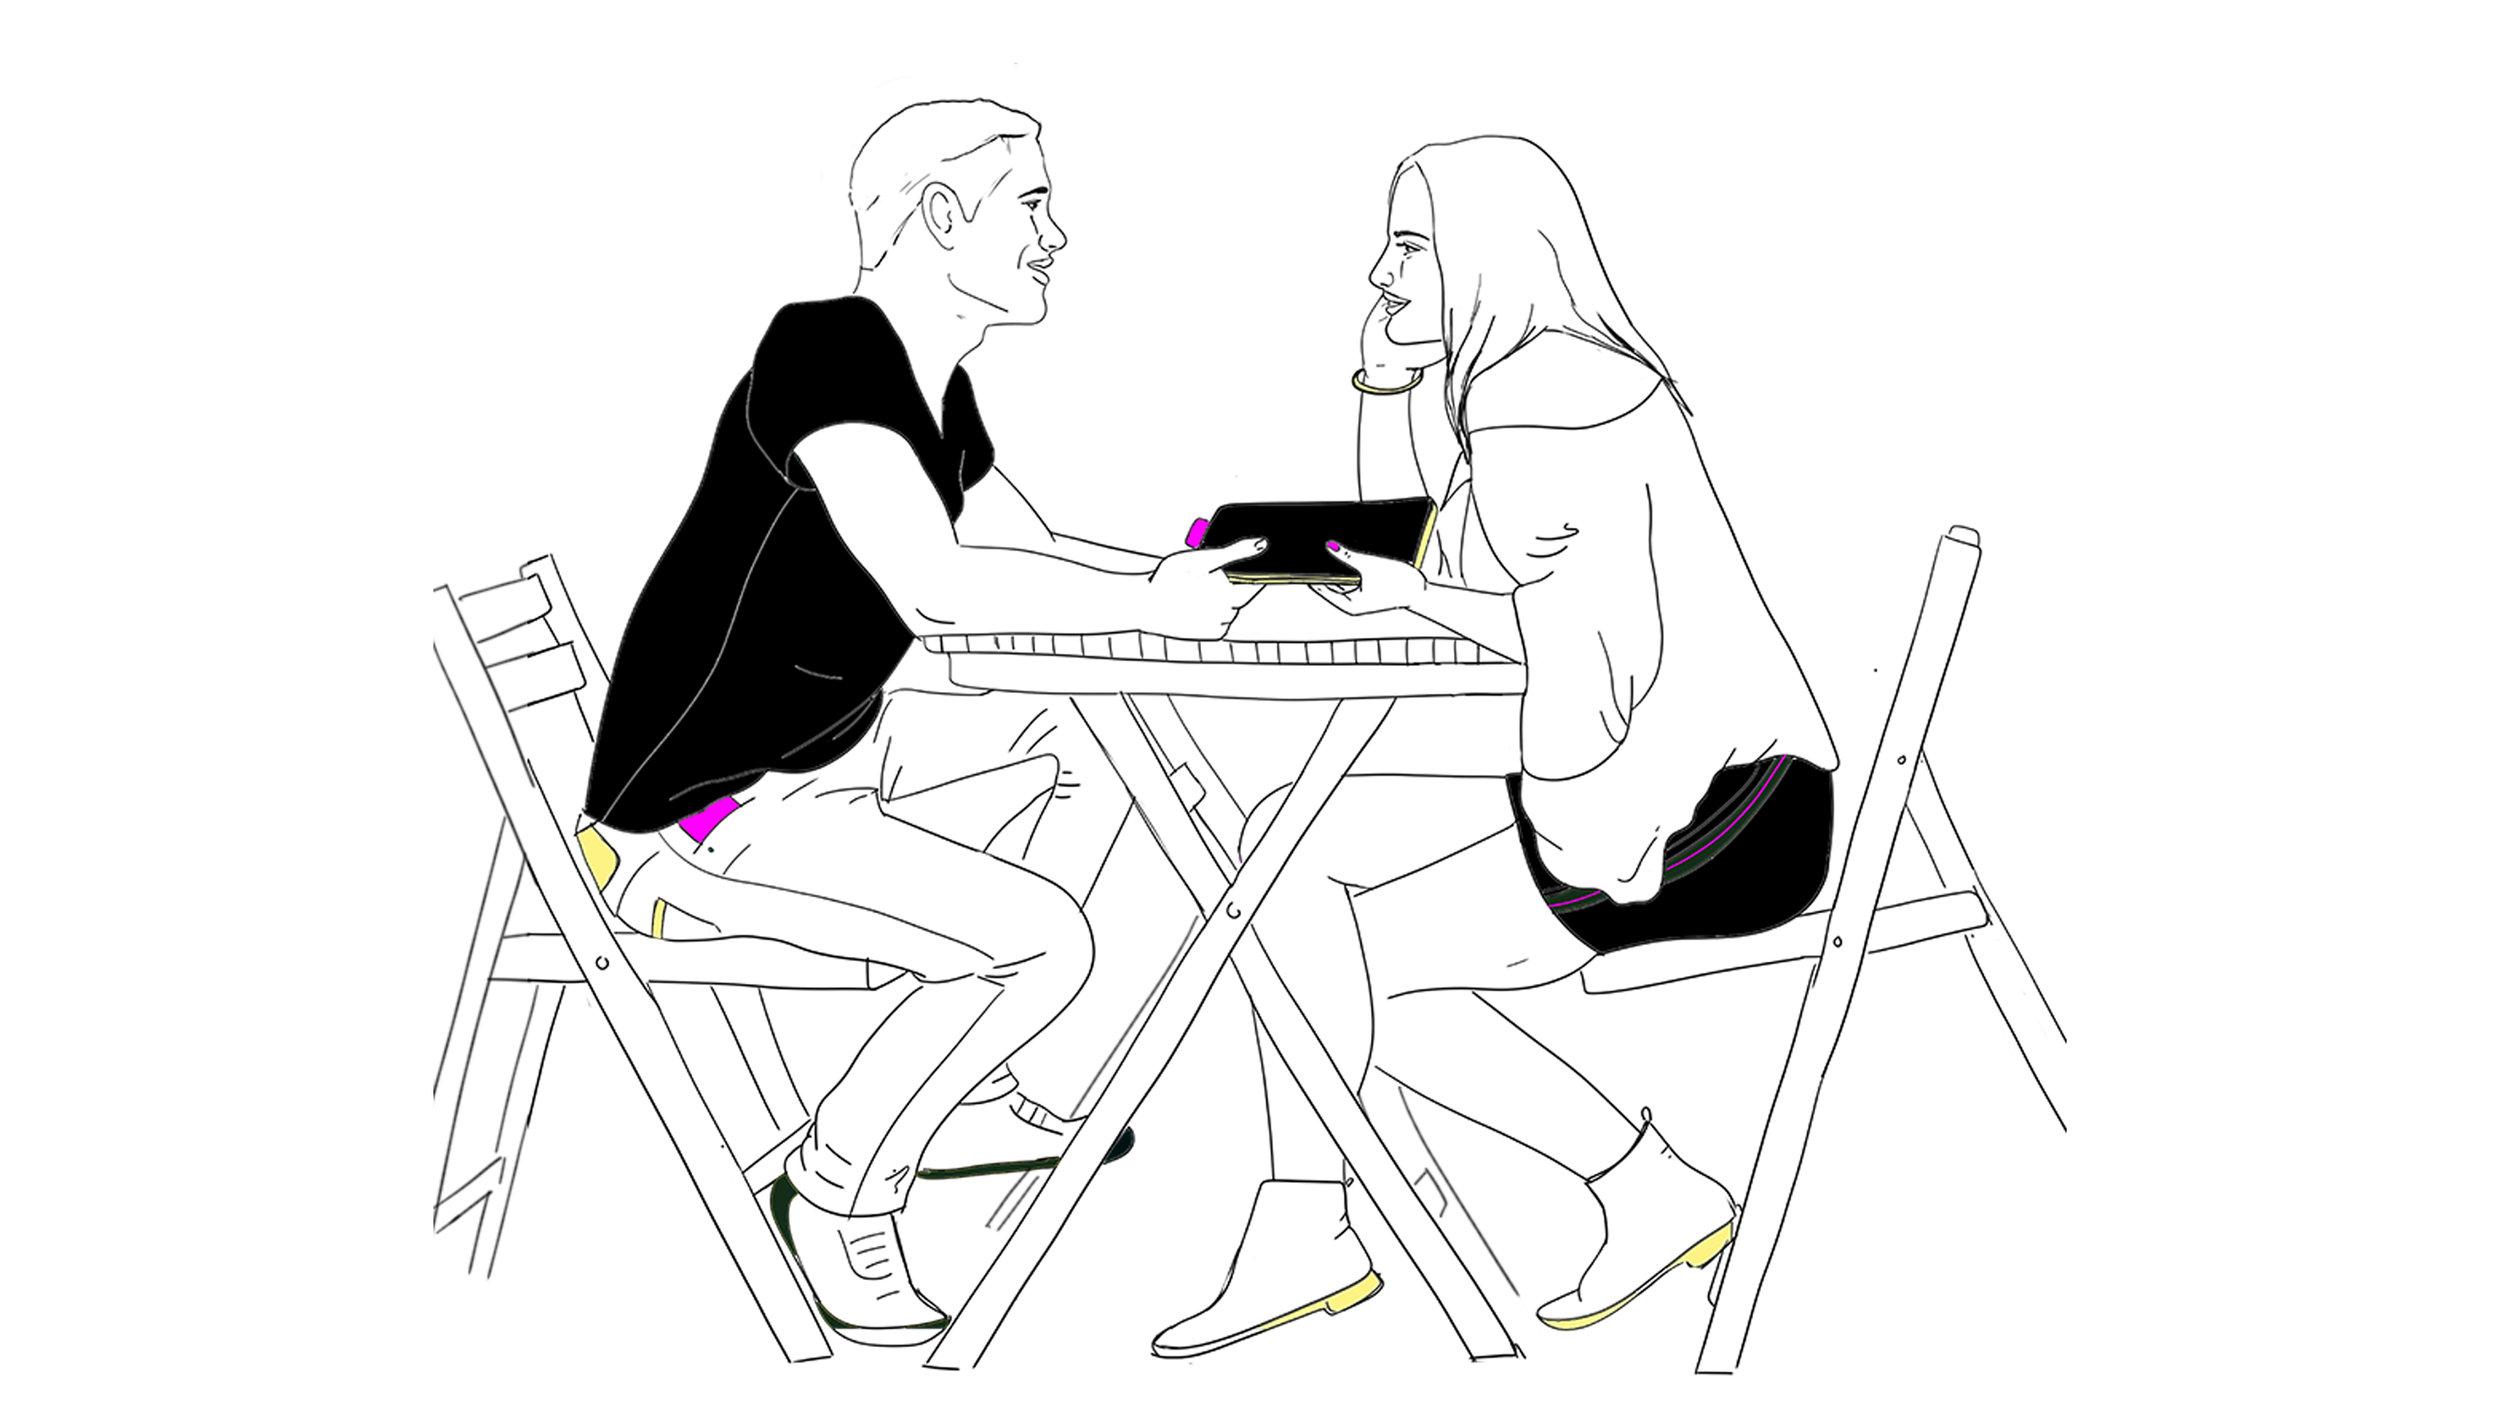 datingchivalry.jpg